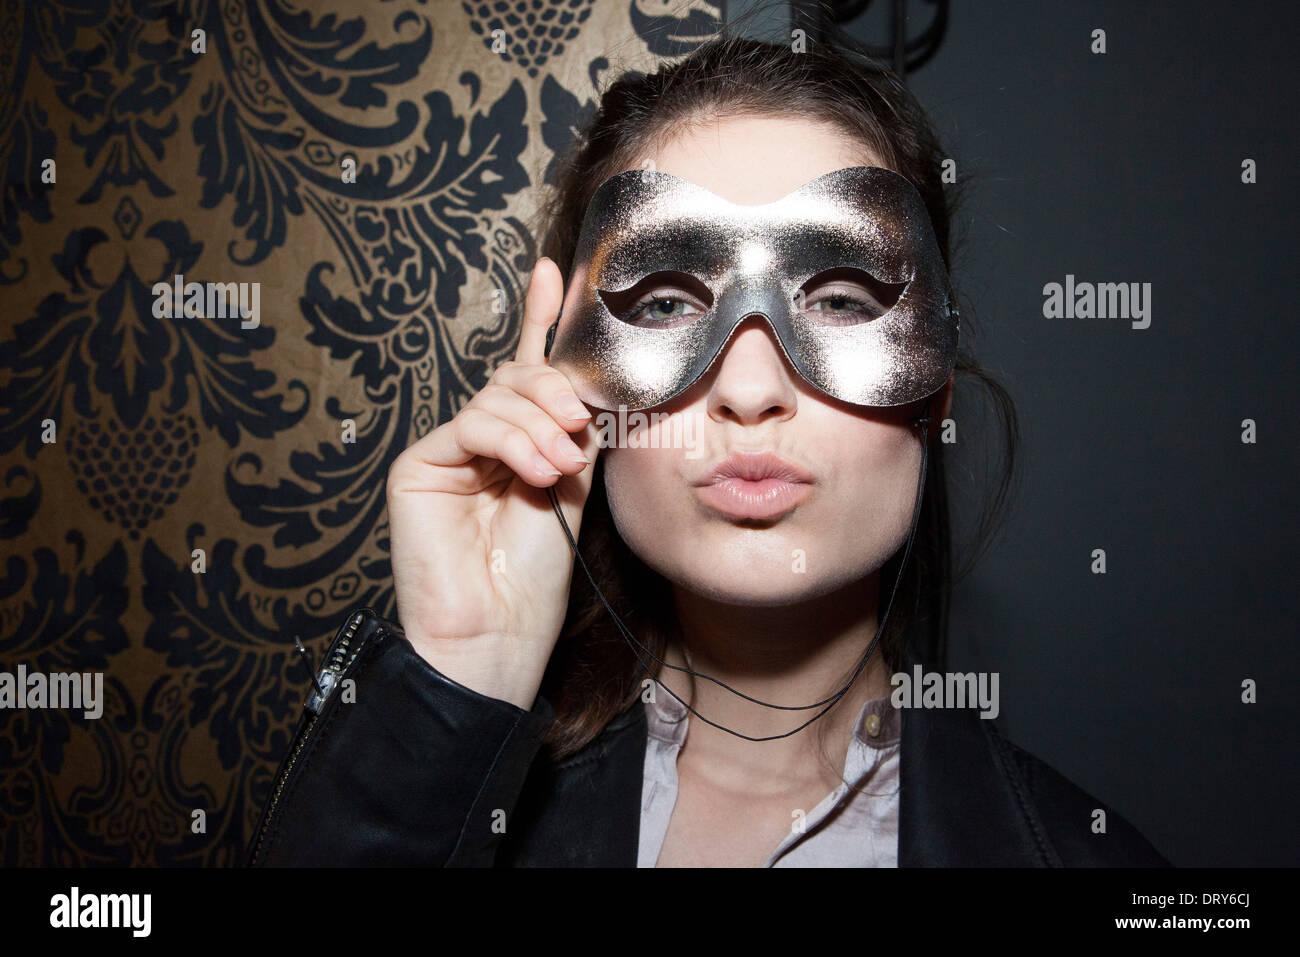 Mujer vistiendo máscara del partido, que ejercen los labios, Retrato Imagen De Stock